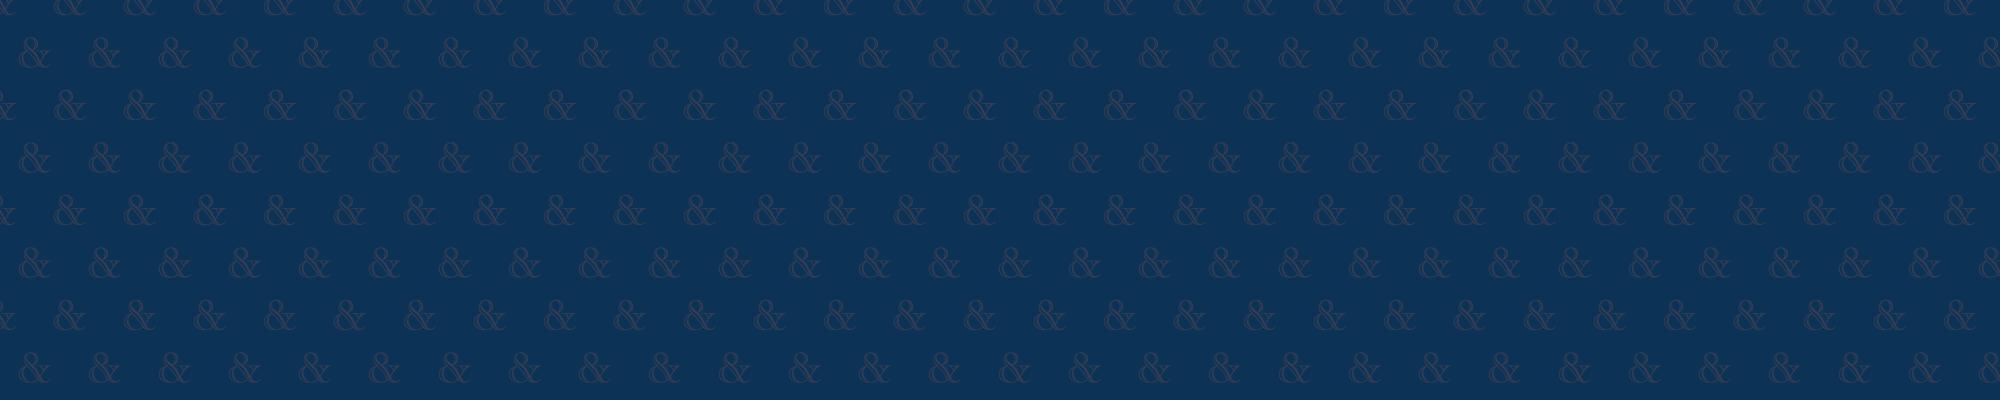 blue-pattern-2